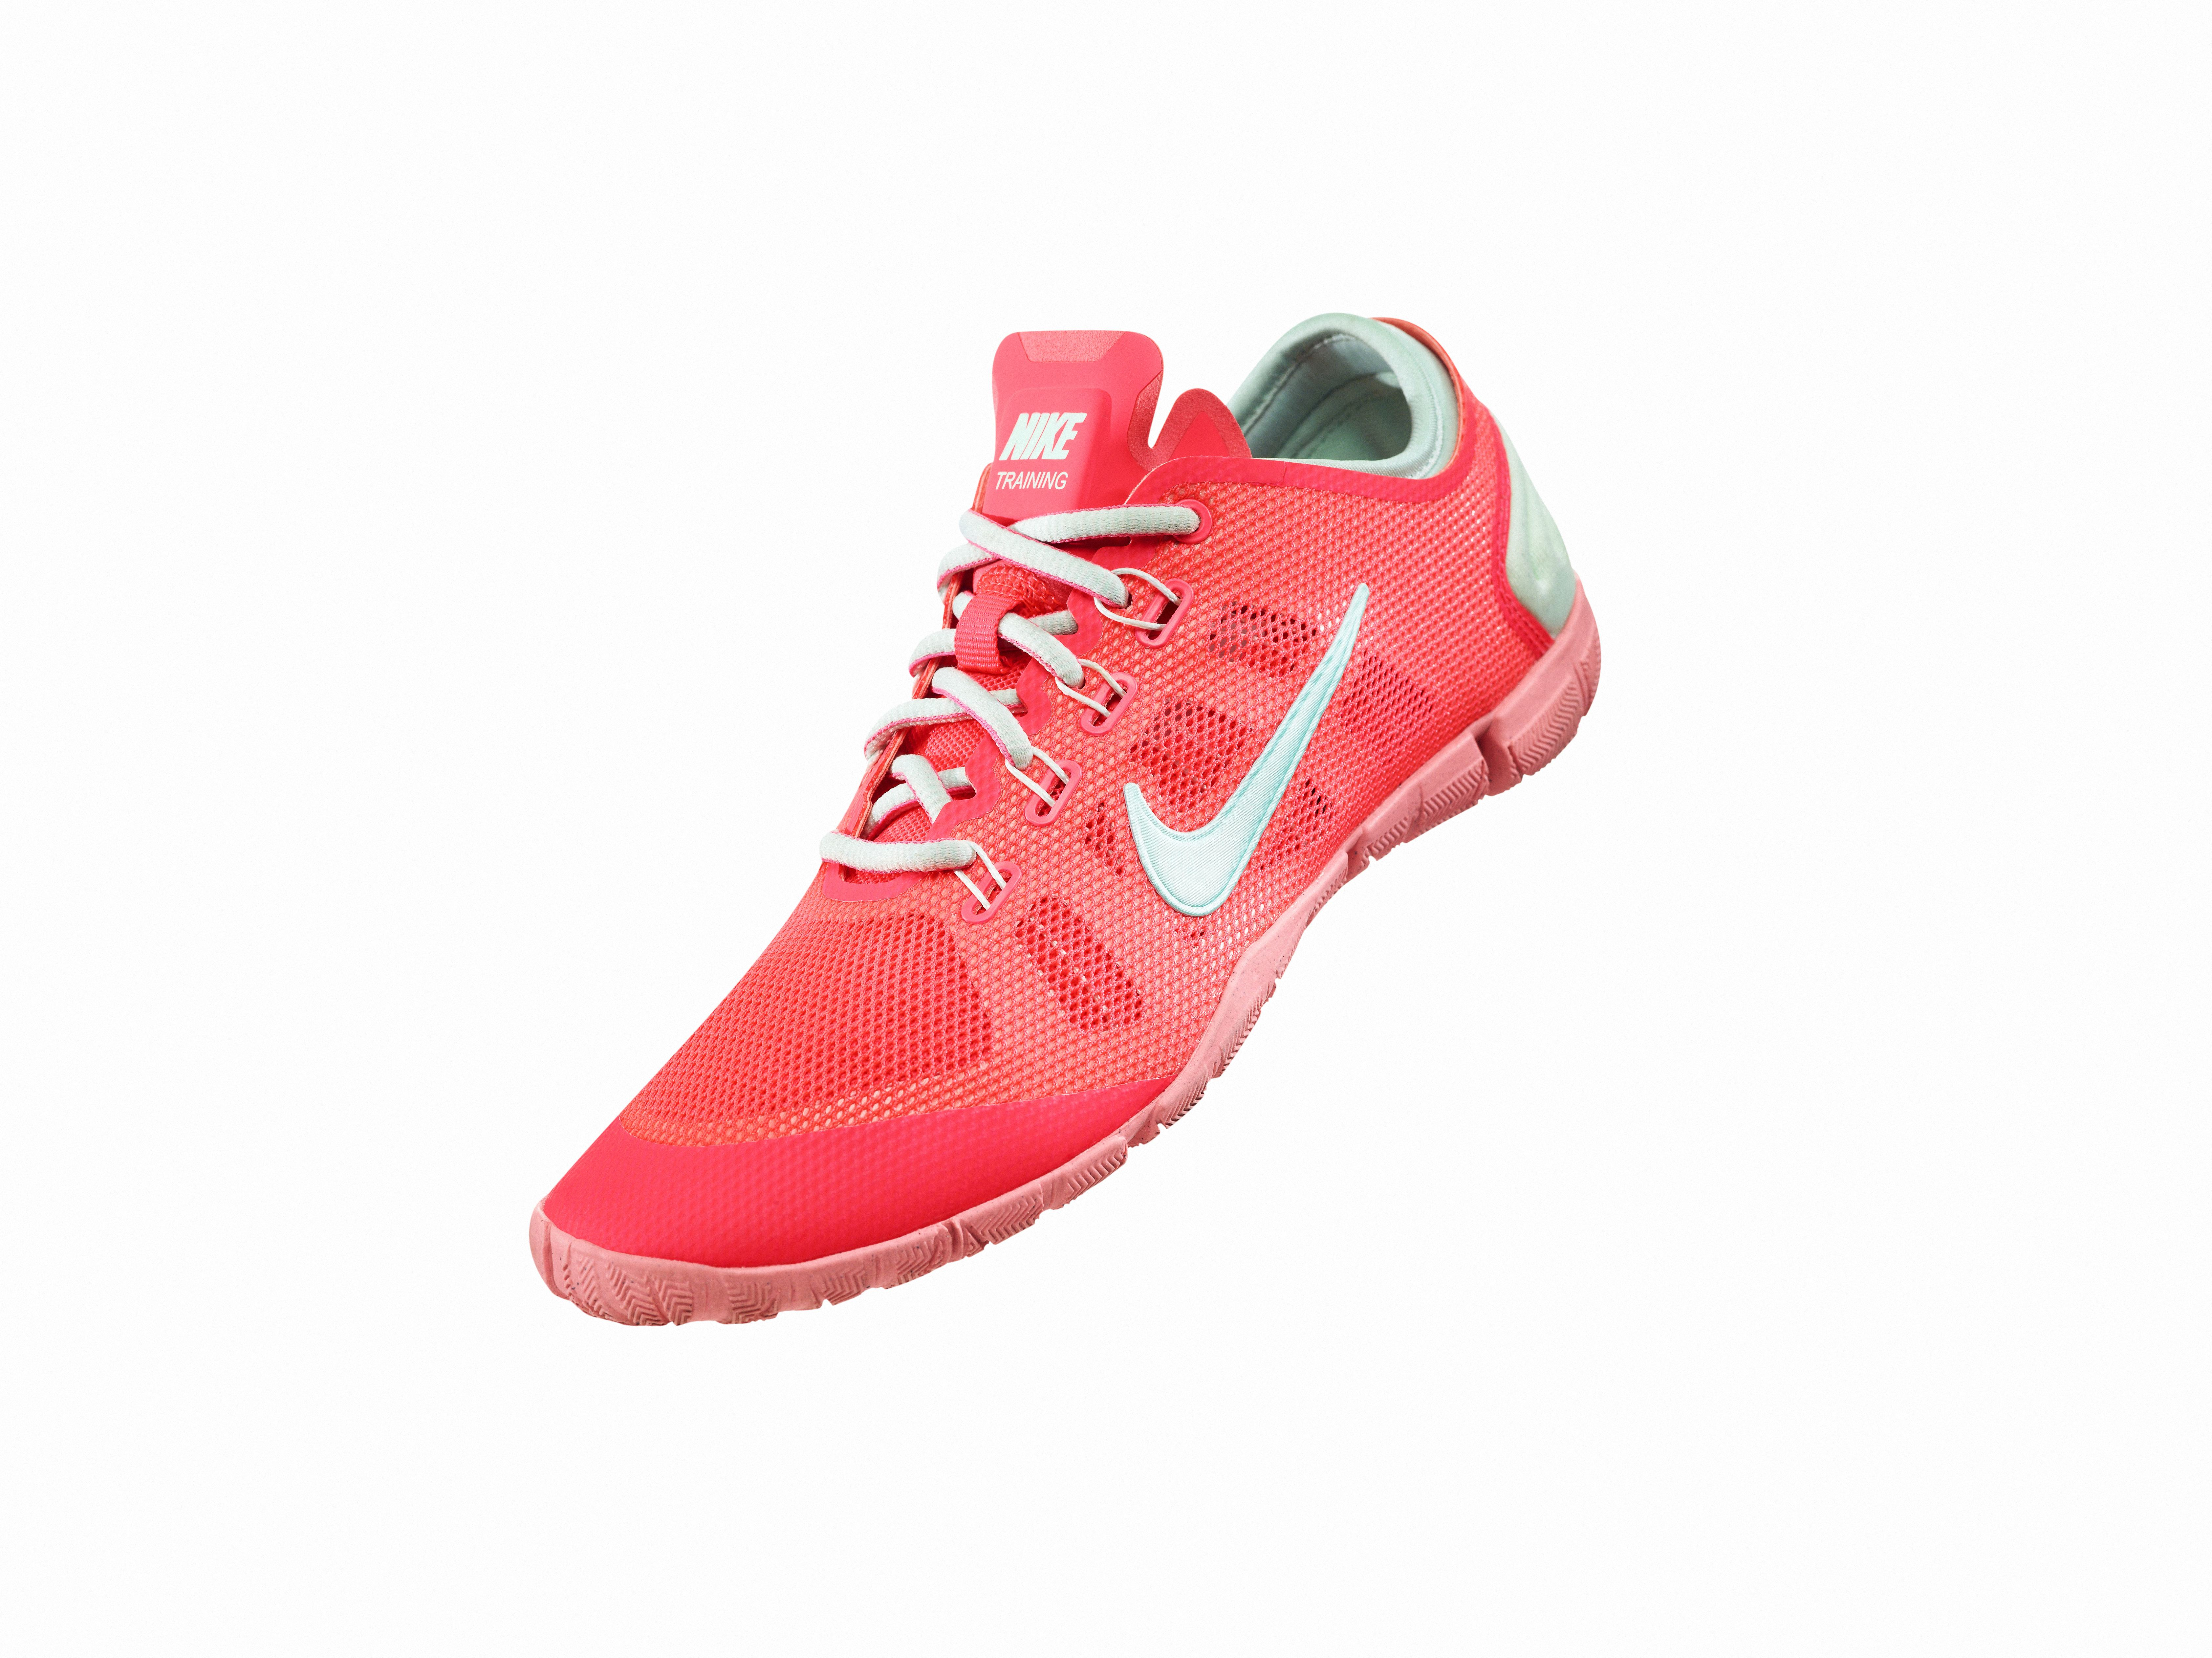 Chaussures Nike Formation Gratuite Bioniques Des Femmes